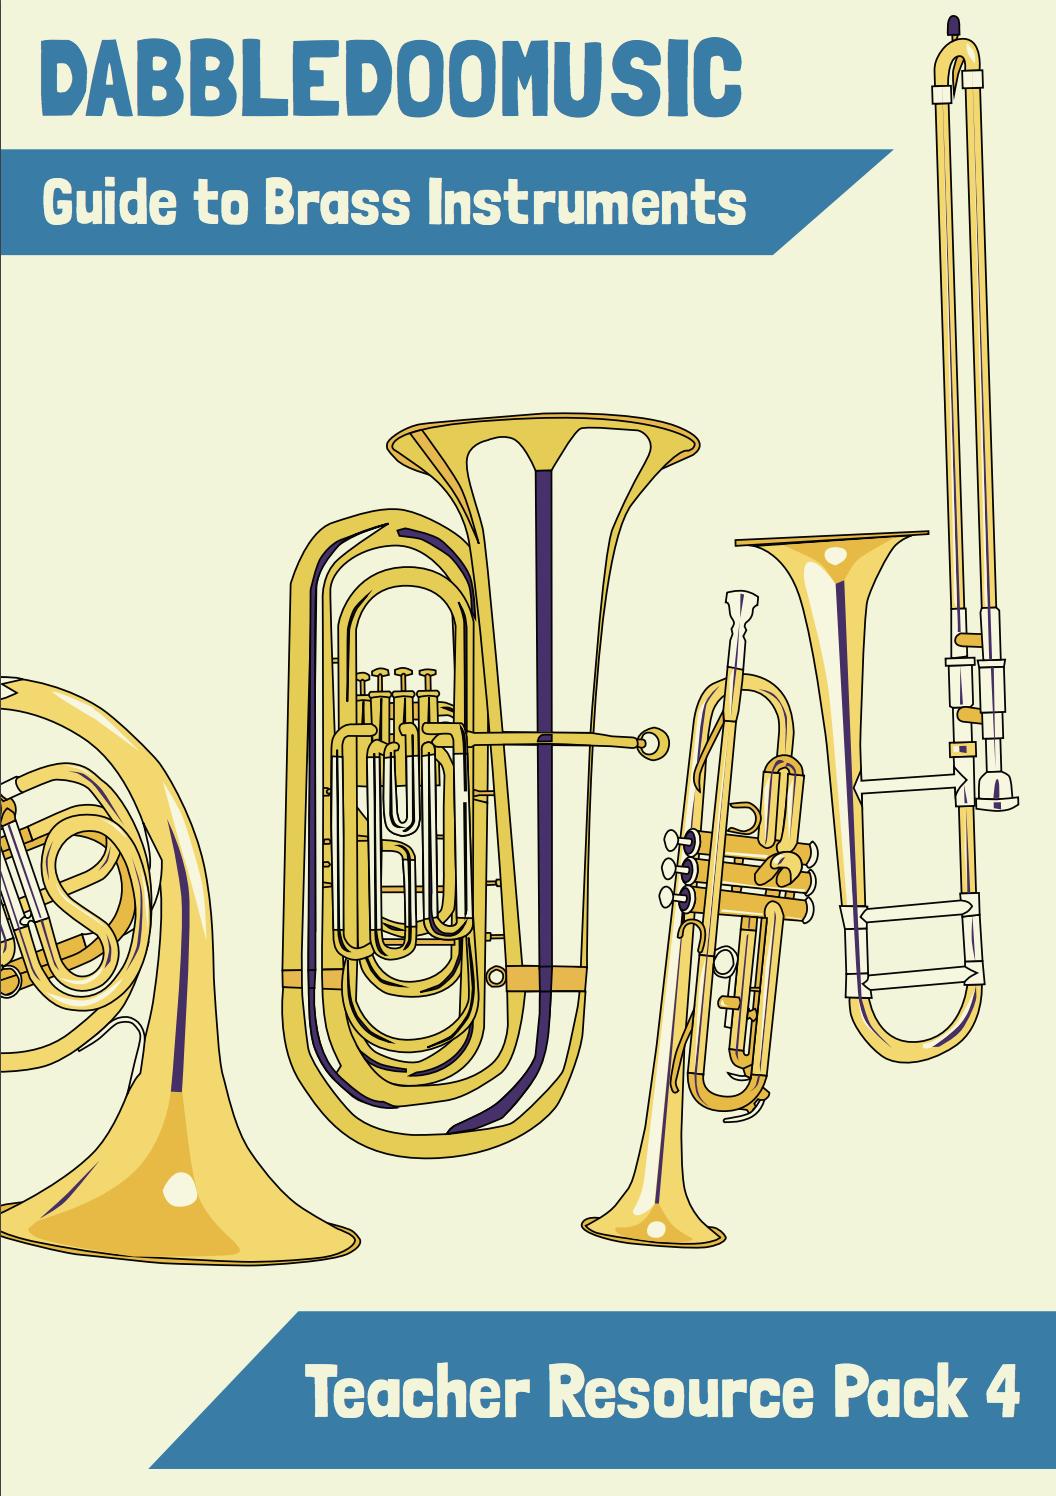 DabbledooMusic Brass Resource